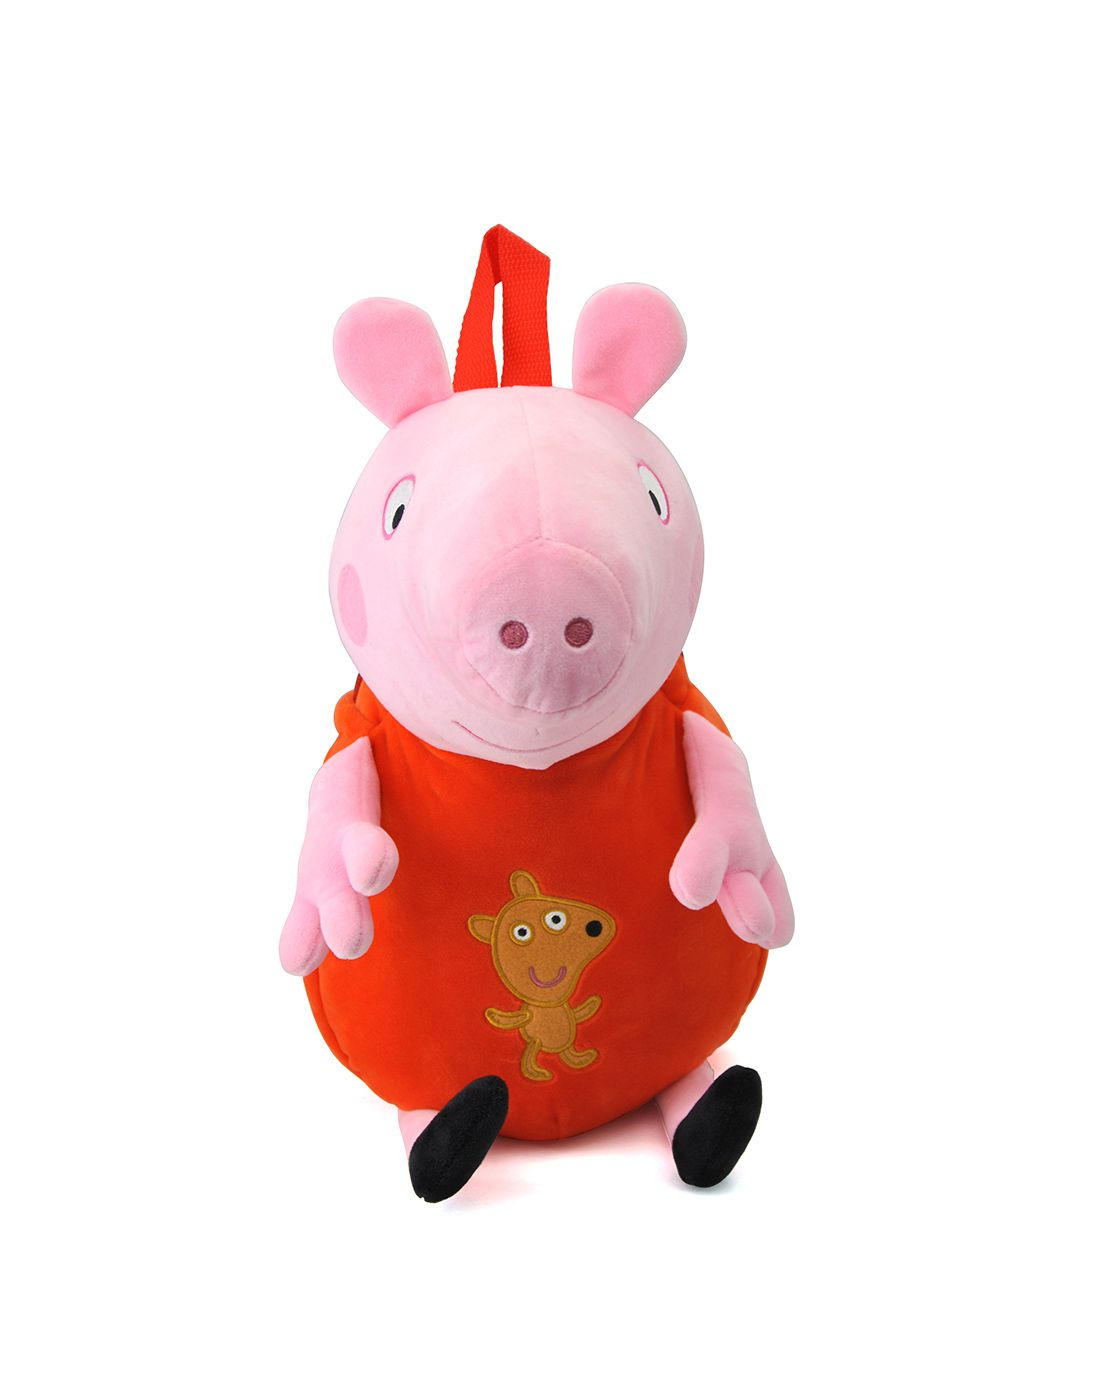 英国小猪佩奇可爱卡通玩具专场小猪佩奇正版毛绒公仔